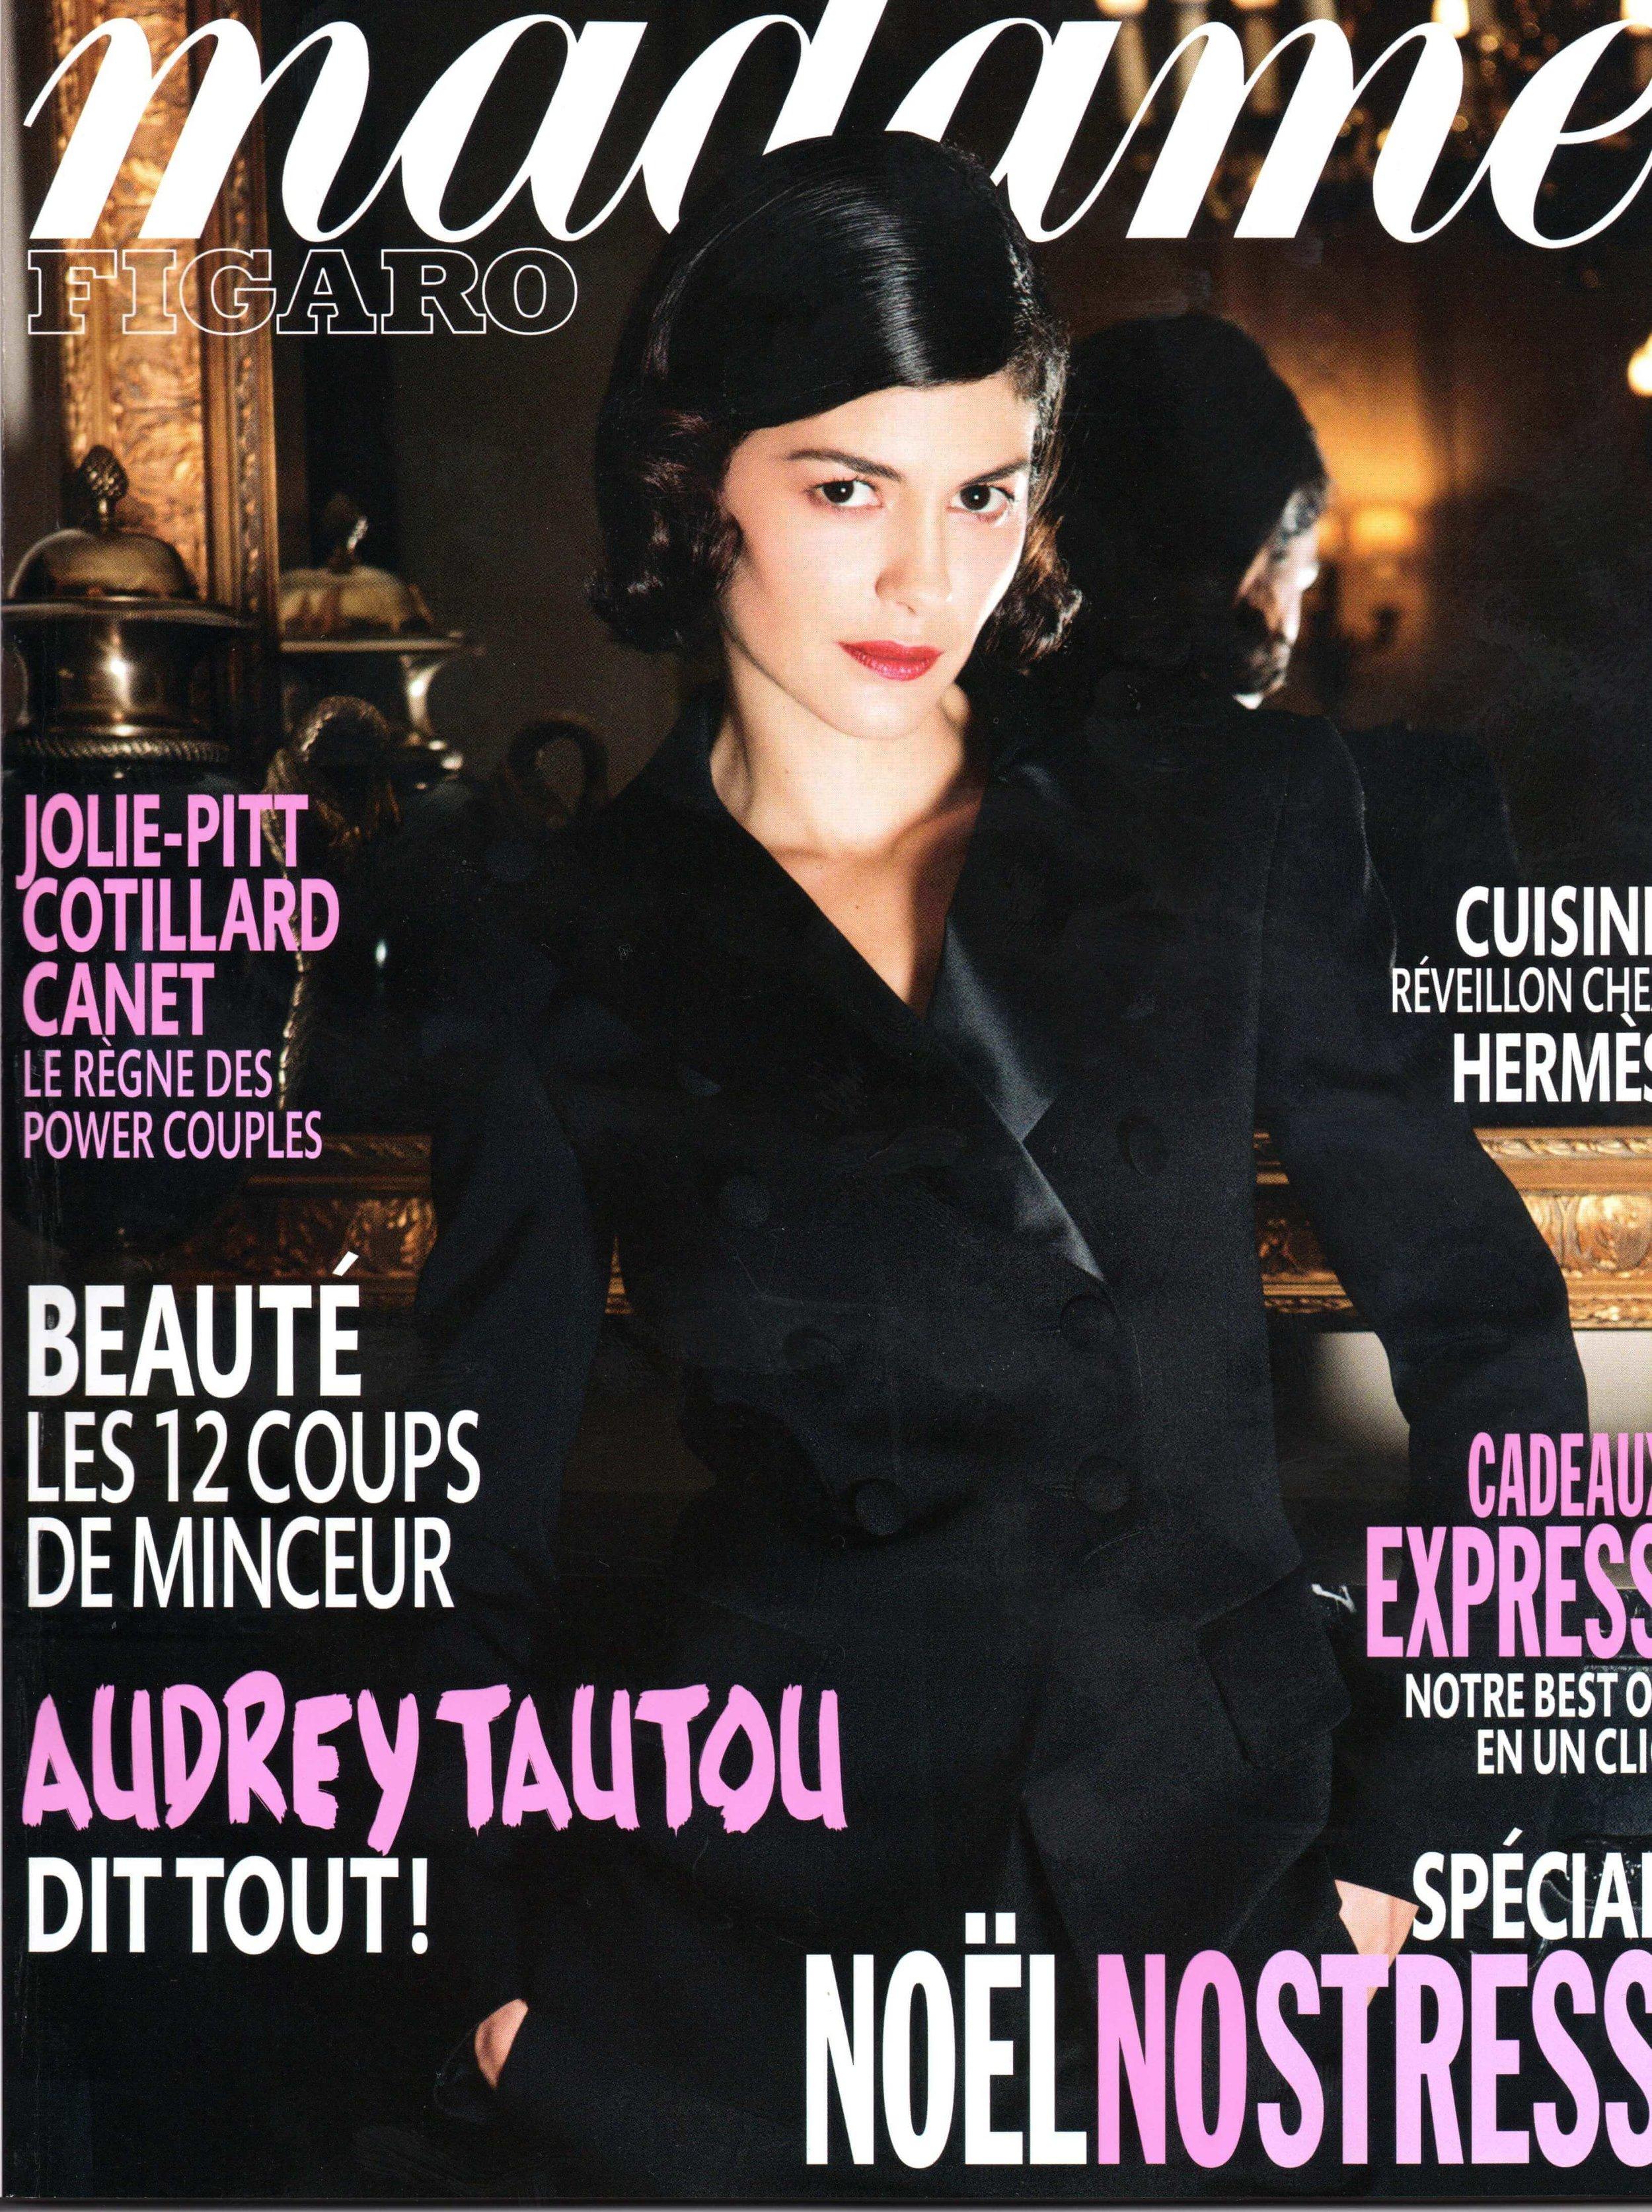 2010 Figaro Madame - Décembre 2010 - Couve.jpg